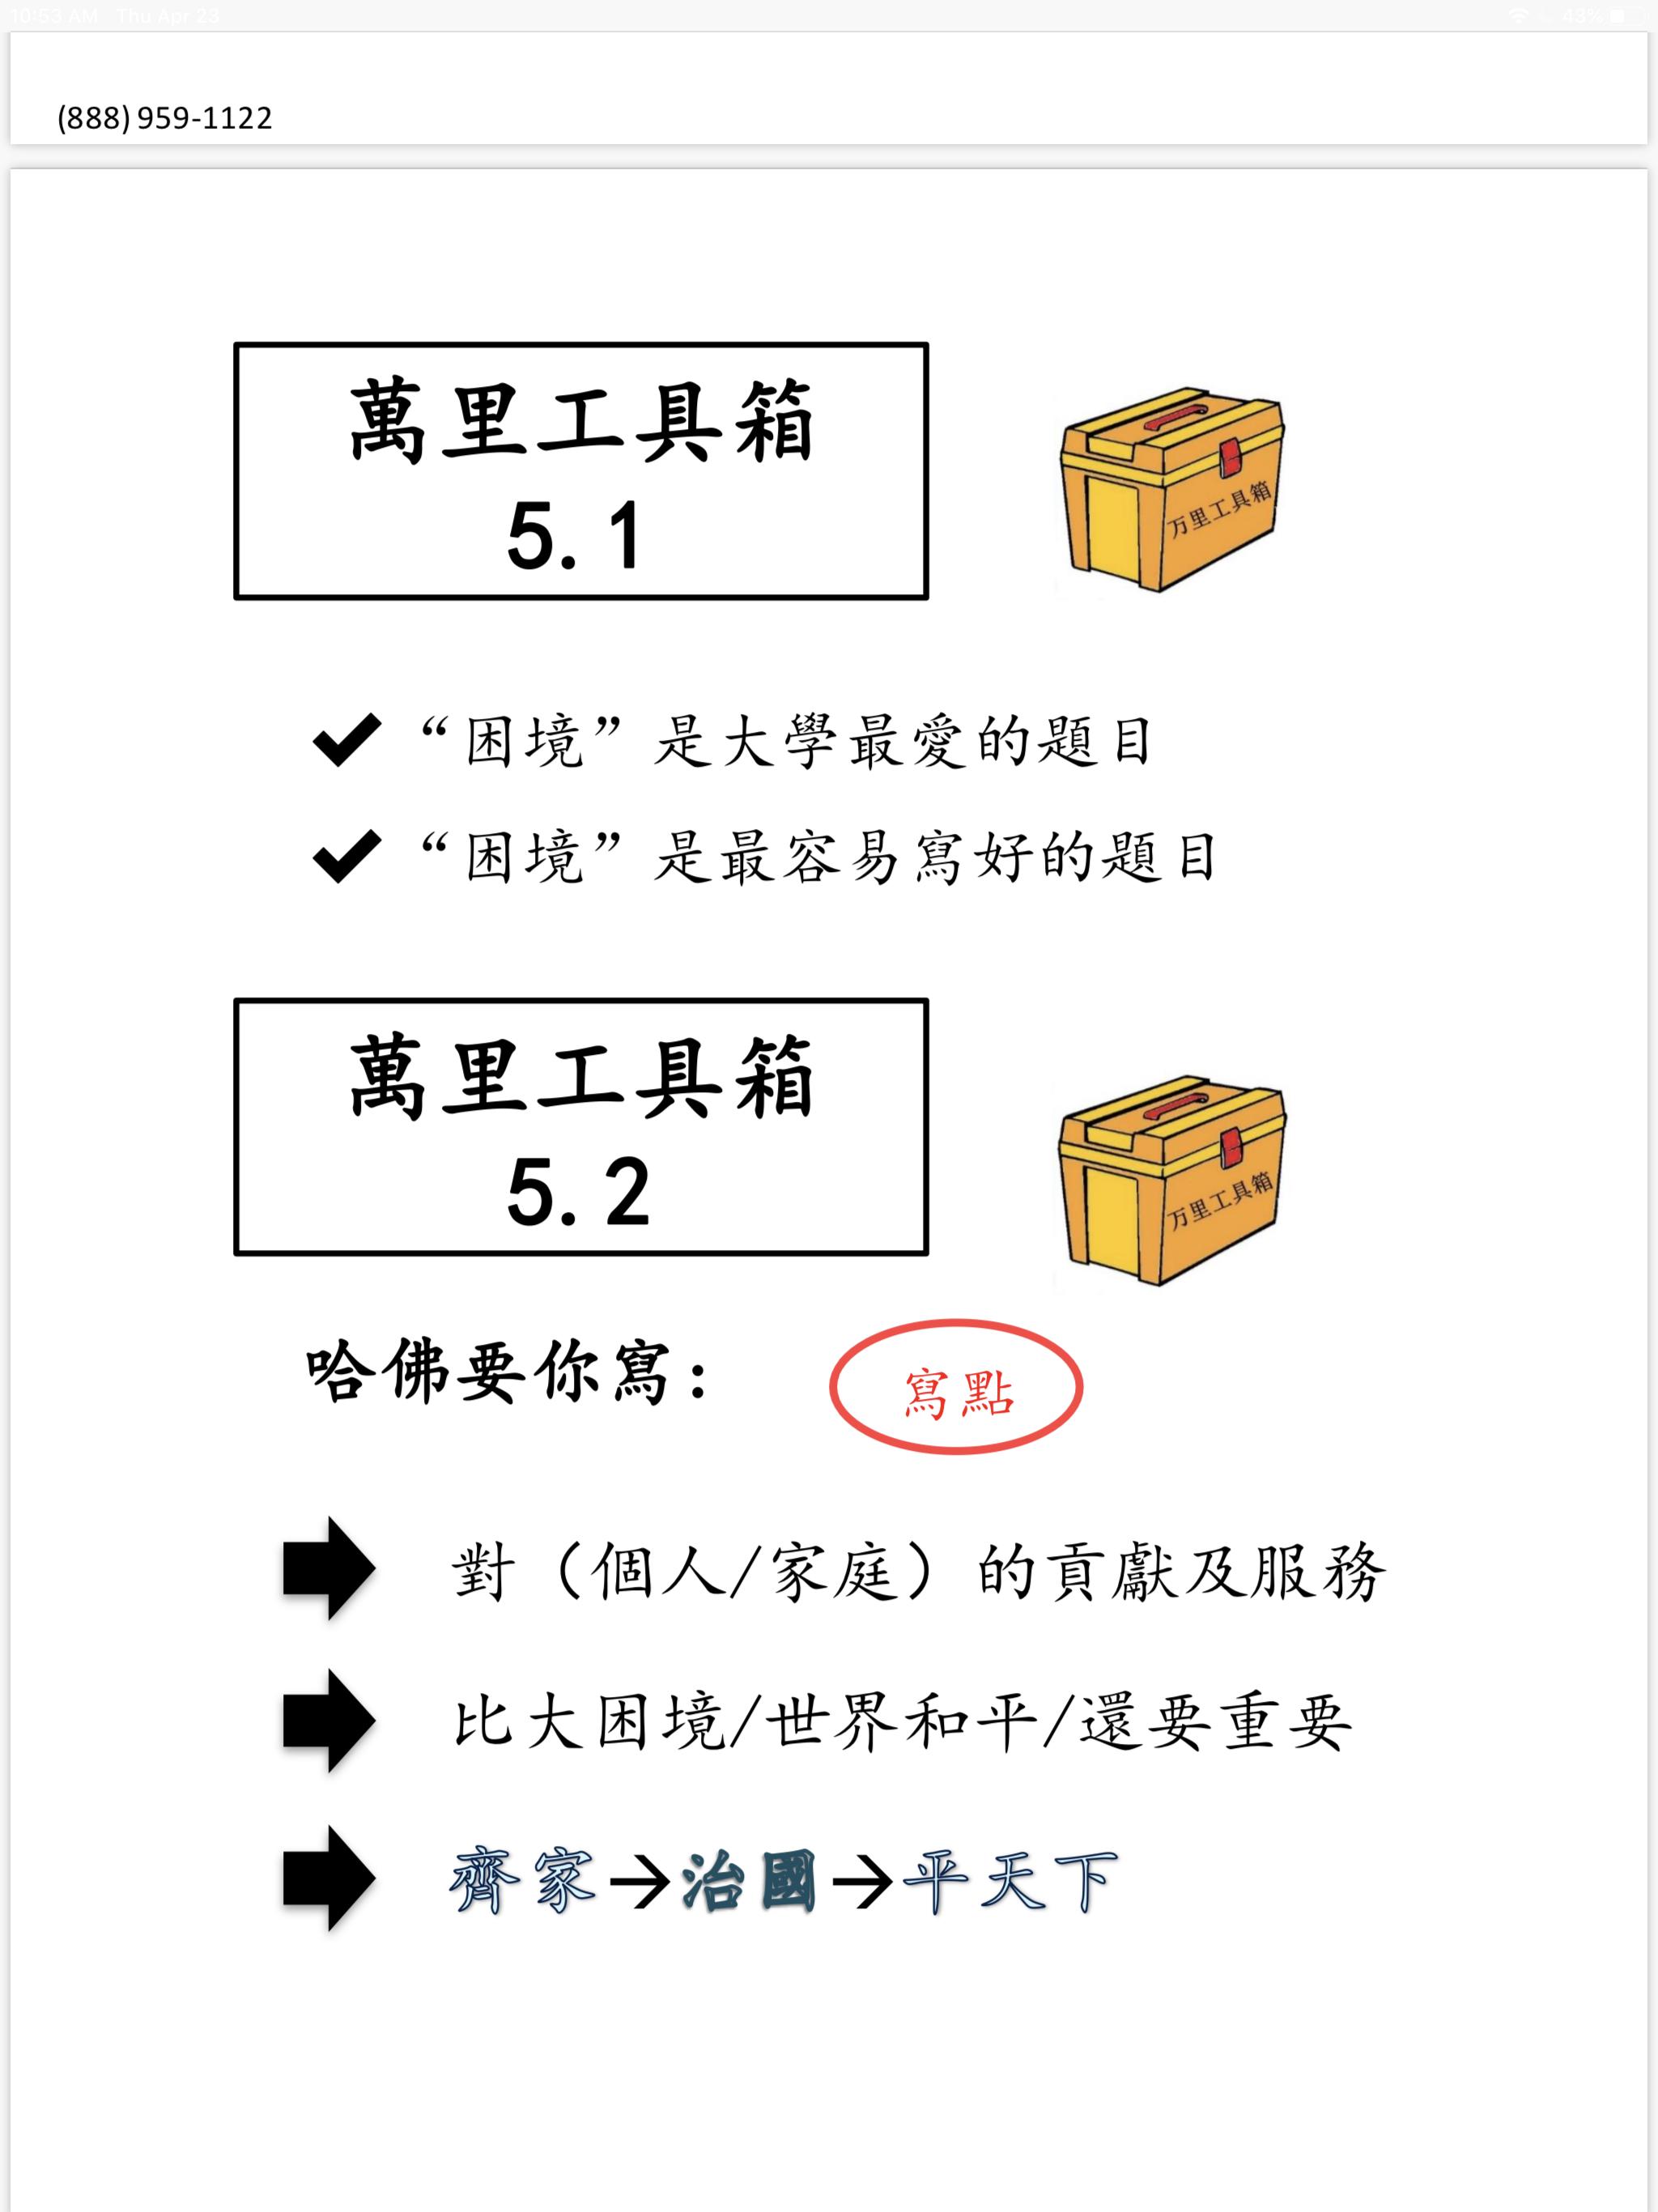 CD9A0140-2866-4F58-82F8-BD323DD7EFE2